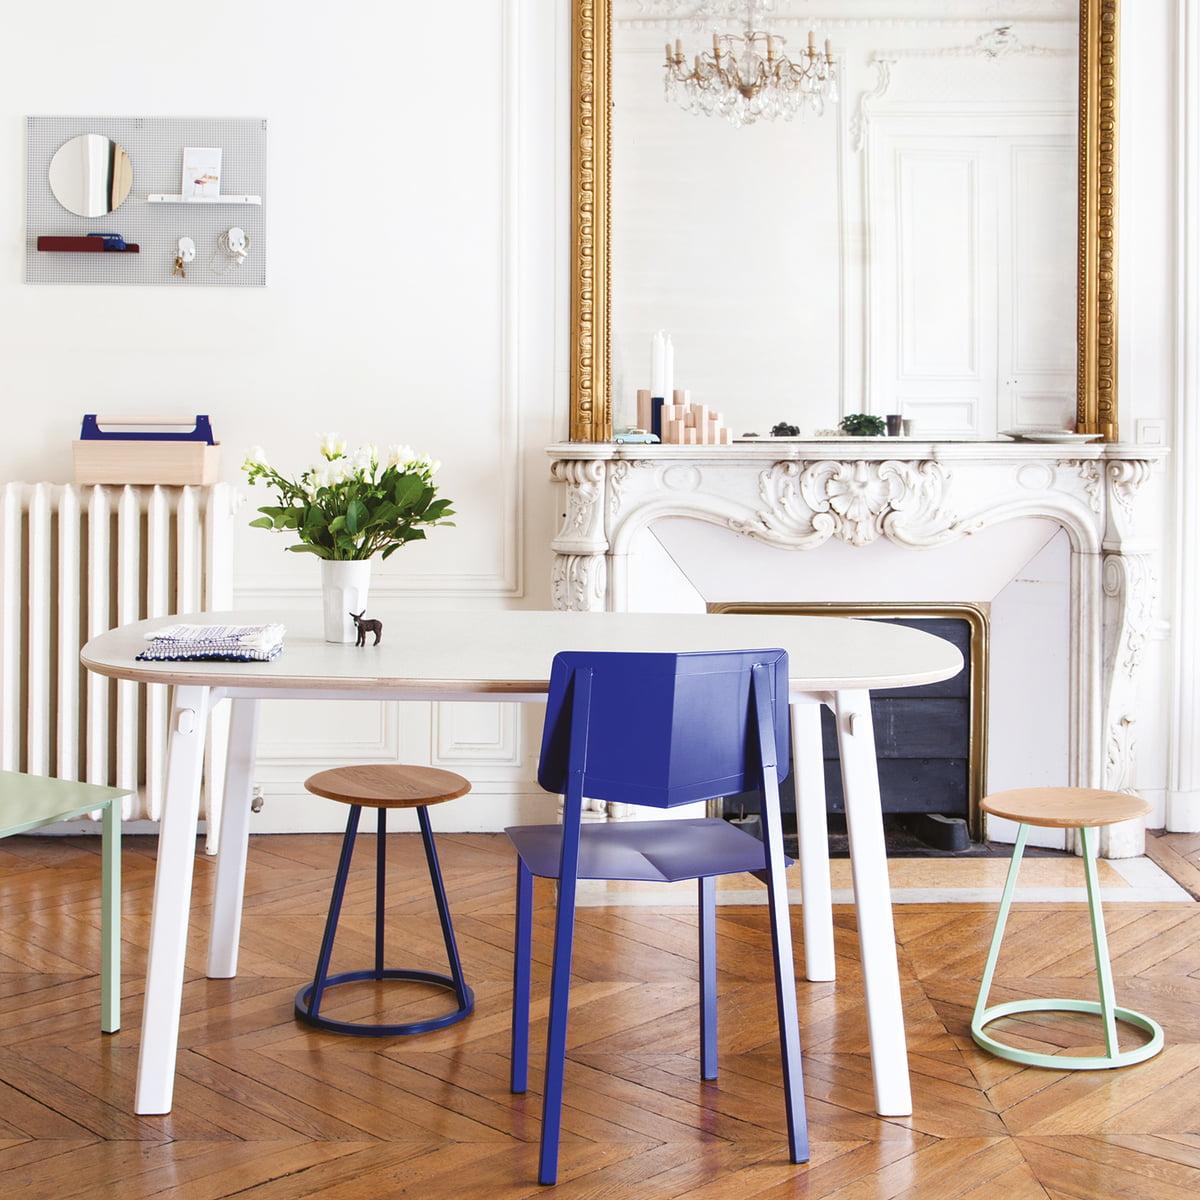 Hartô - Petit Gustave Hocker| Eiche / weiß (RAL 9016) | Wohnzimmer > Hocker & Poufs | Hartô